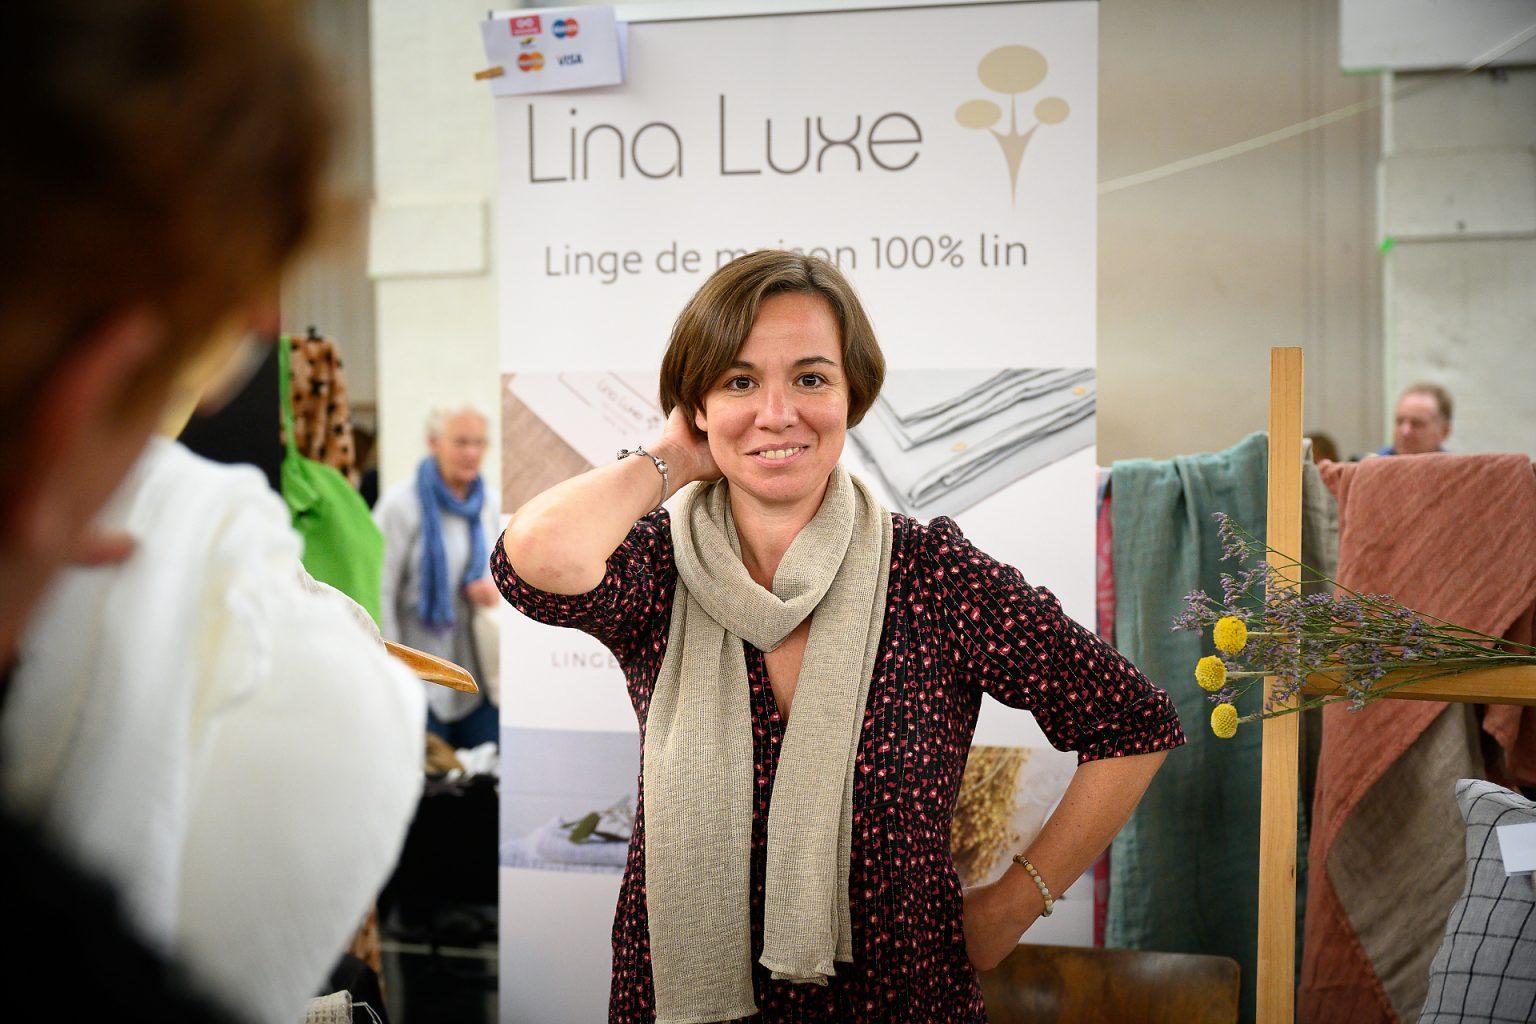 Lina Luxe au Salon Côté Bine-Etre, Abbaye de Floreffe, reportage événementiel par Aurore Delsoir photographe événementiel